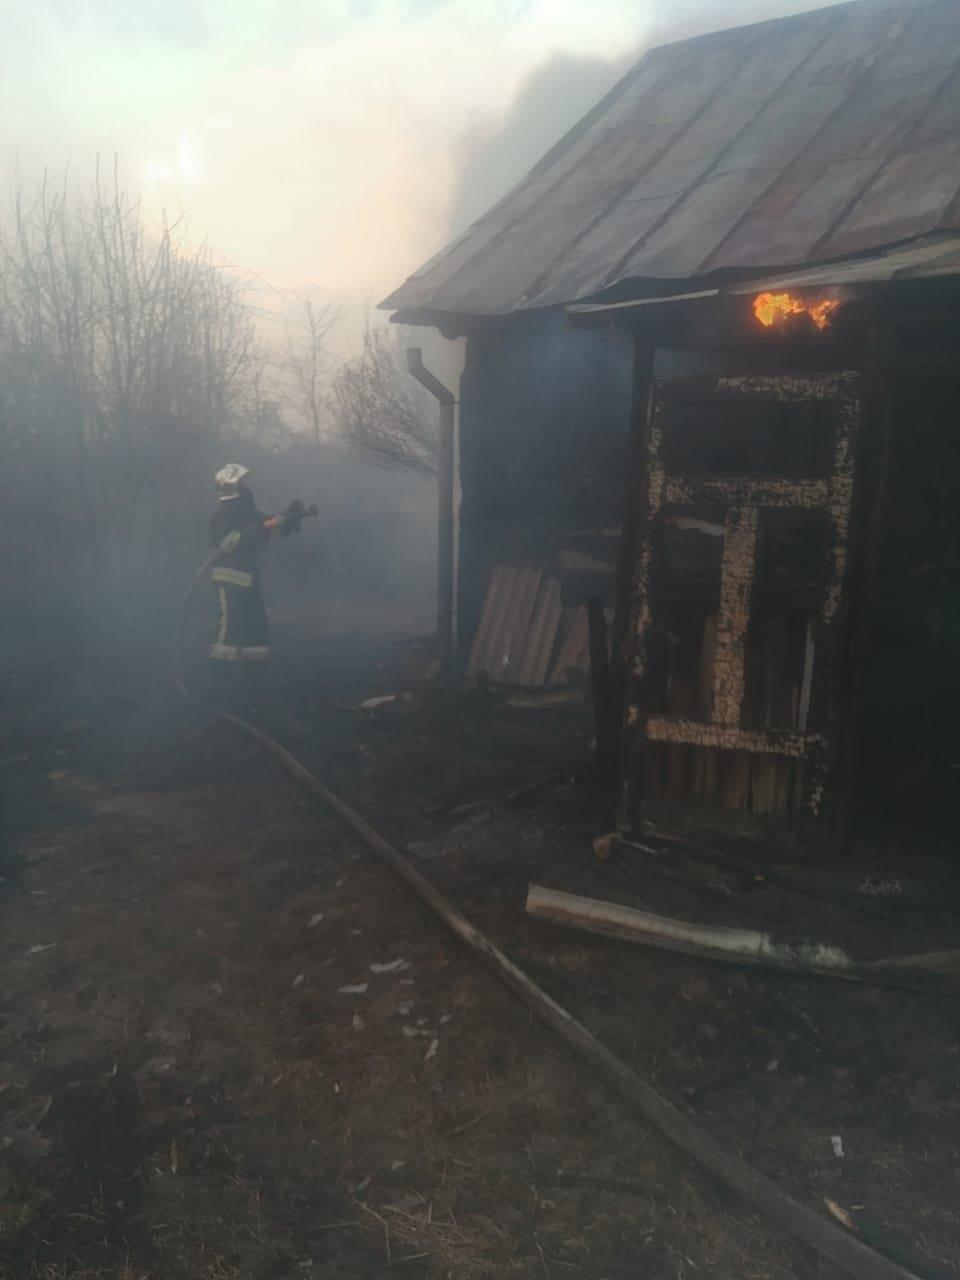 У селі на Рівненщині сталася пожежа: спалахнув сарай, після чого вогонь перекинувся і на сусідній будинок (ФОТО), фото-1